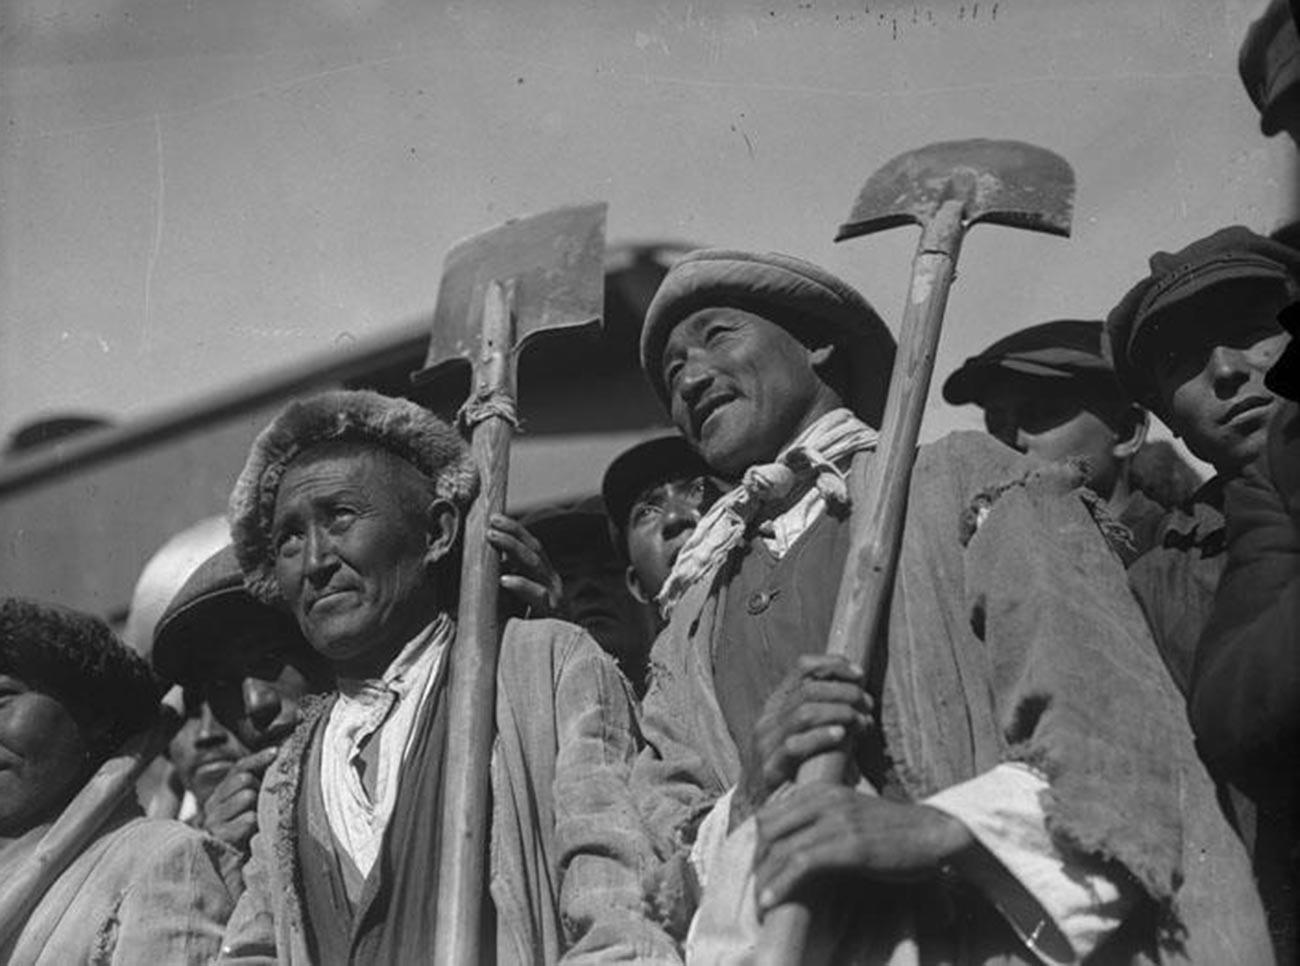 Para pekerja bangunan Kazakhstan yang membangun TURKSIB, salah satu proyek konstruksi utama dari rencana lima tahun pertama industrialisasi Stalin. Kereta api menghubungkan Siberia dengan republik Kazakhstan dan Kyrgyztan, 1930.